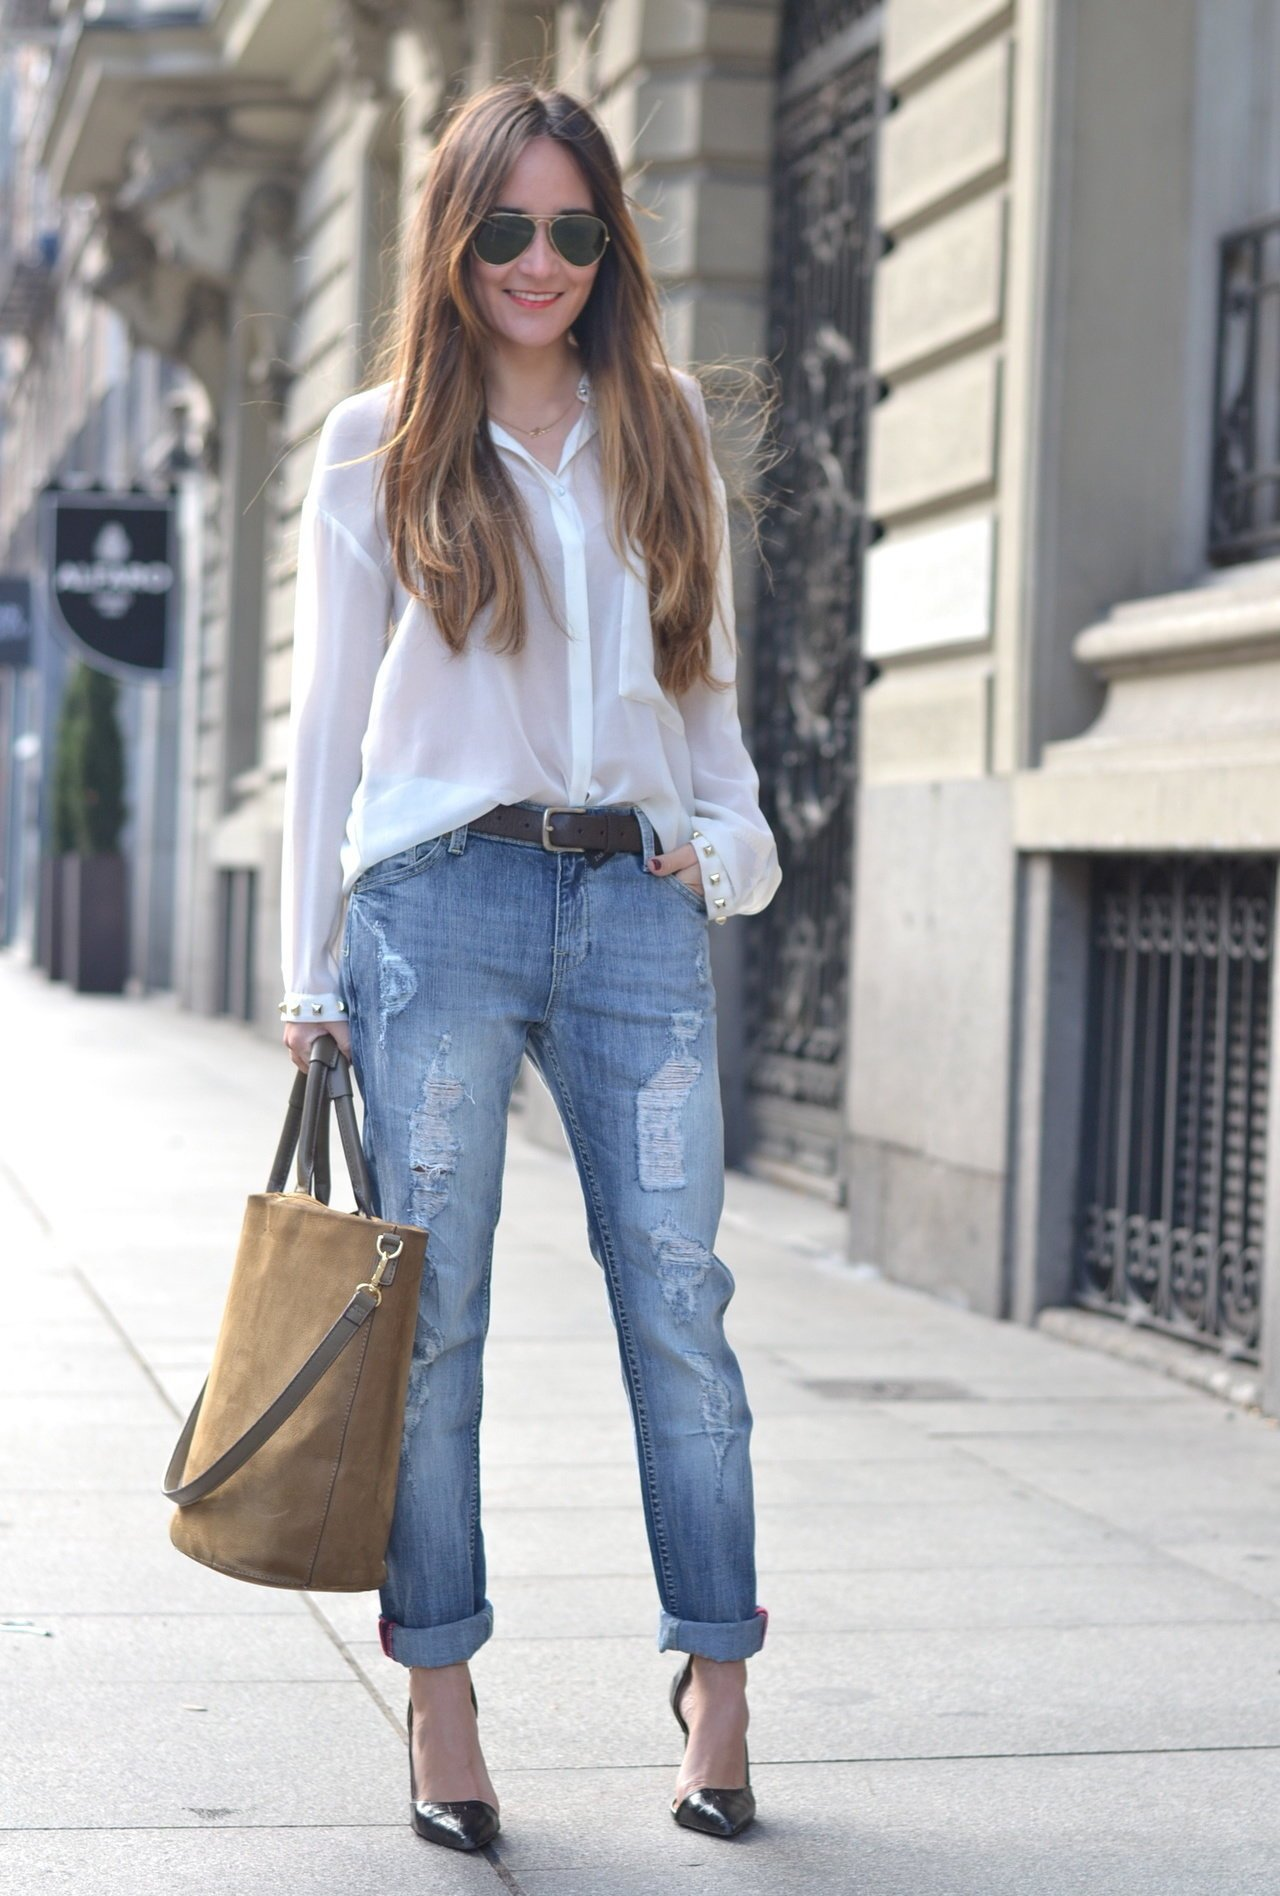 белая рубашка и джинсы картинки снова